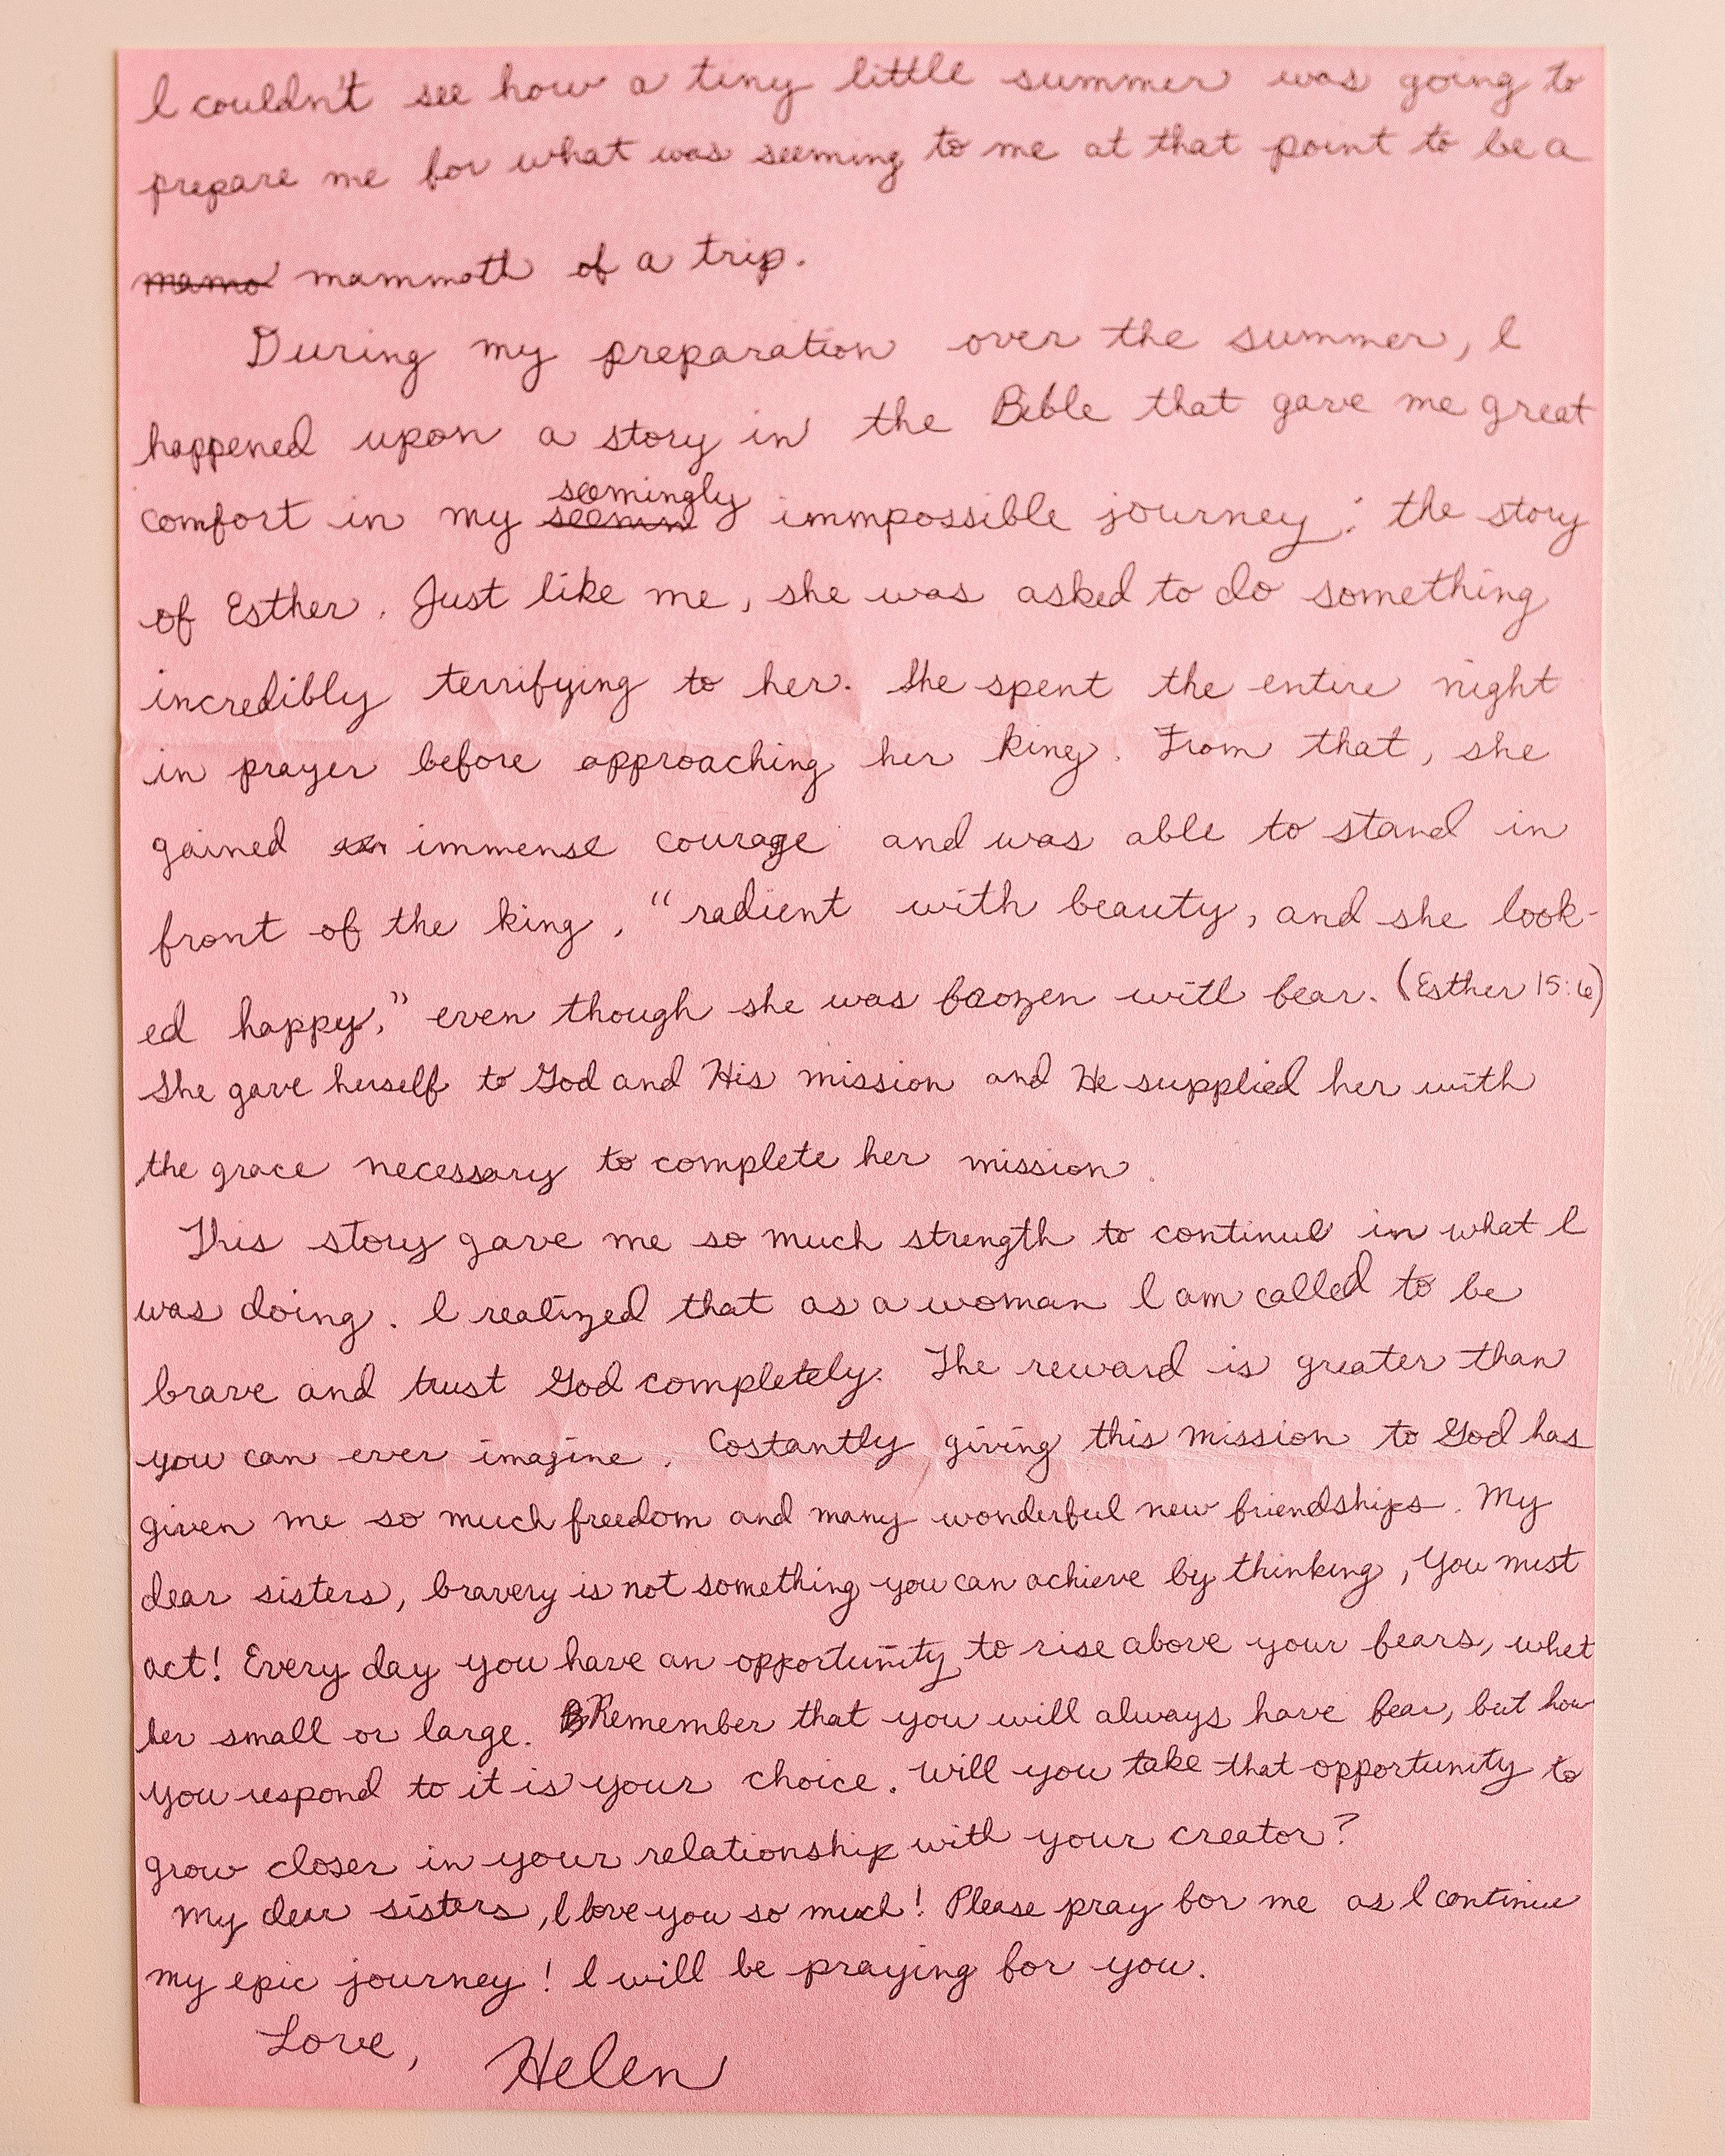 Helen Kelly Letter to Women 2